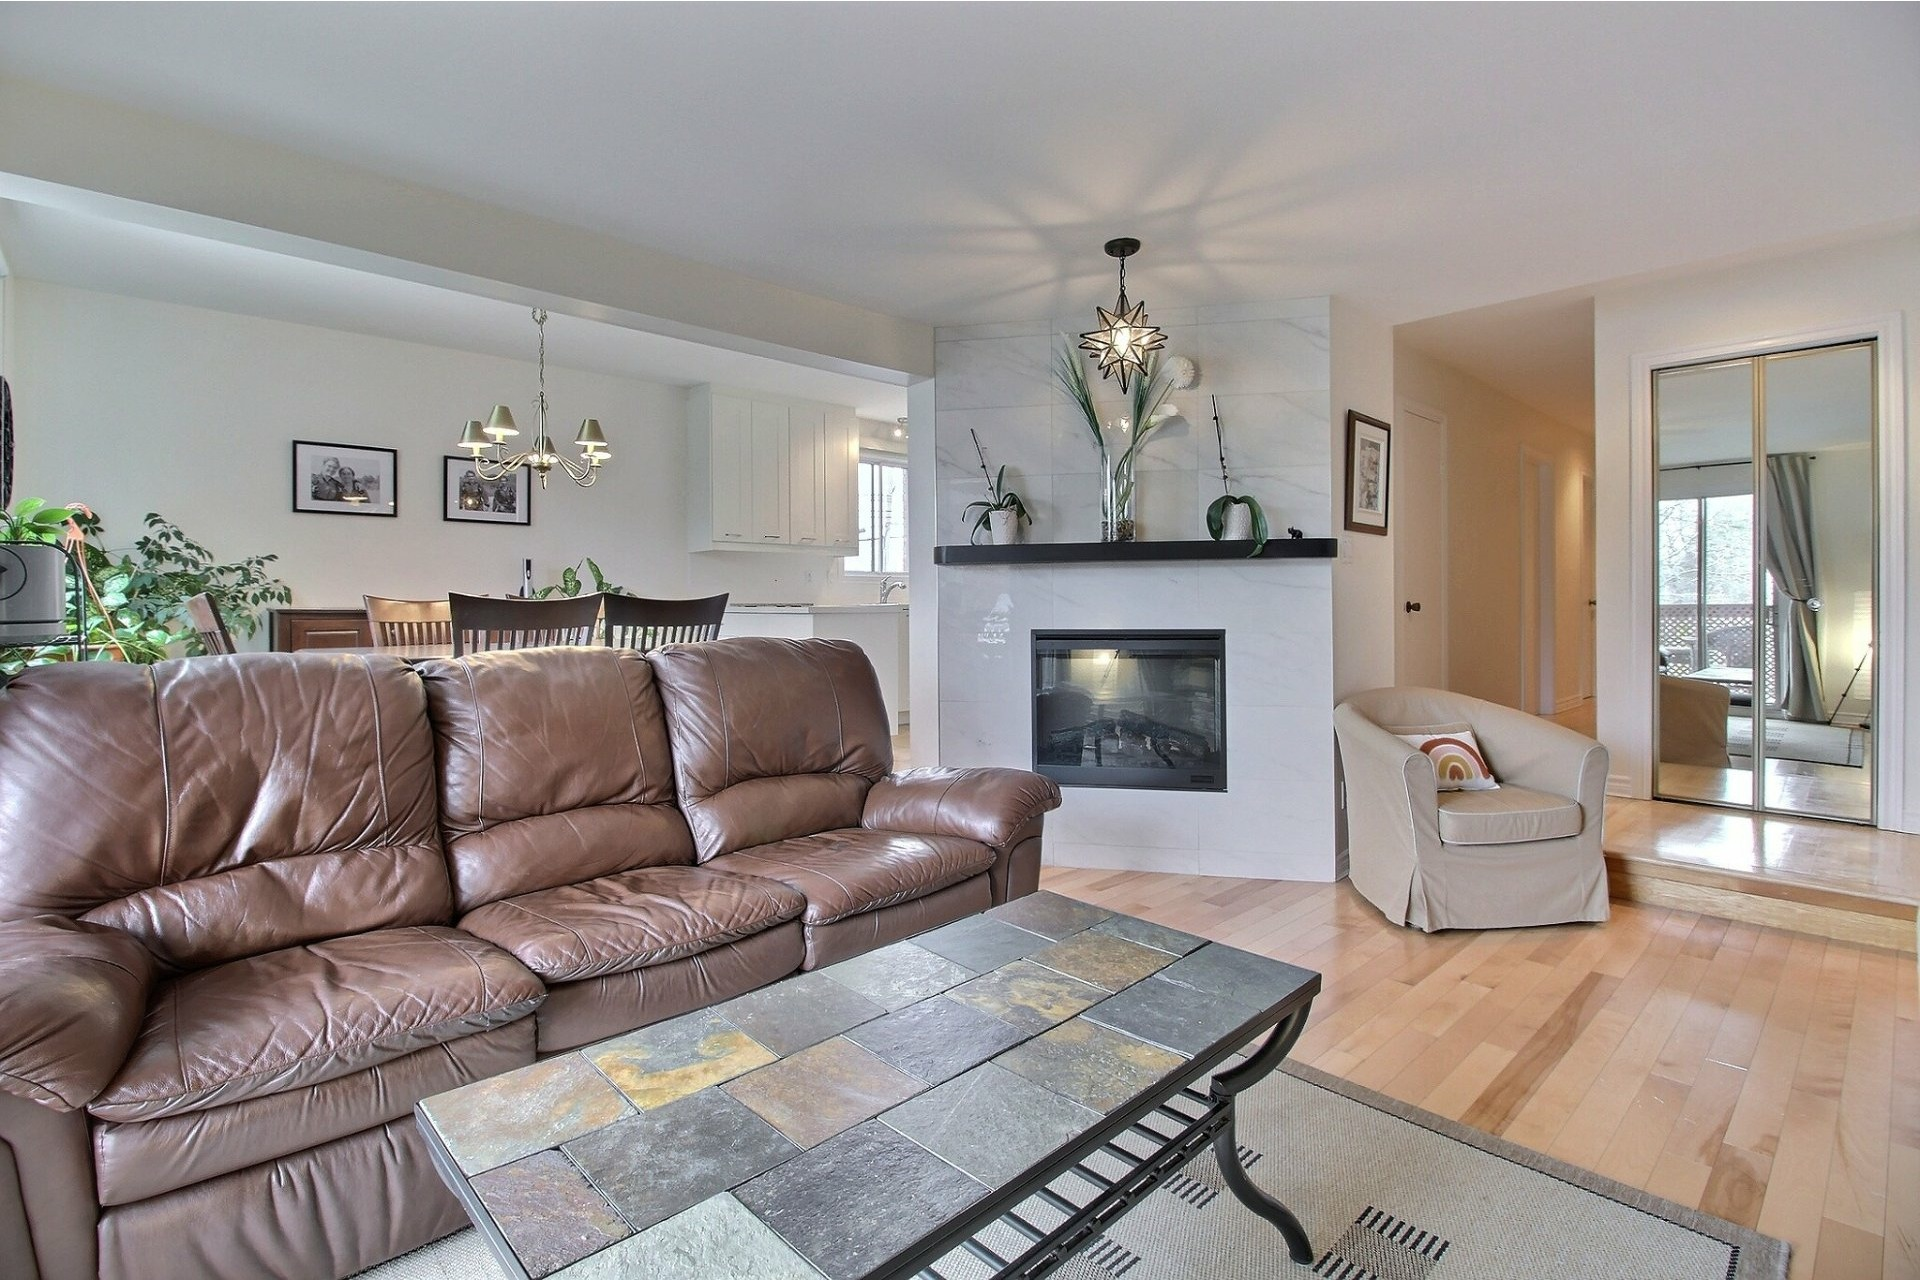 image 3 - Appartement À vendre Rivière-des-Prairies/Pointe-aux-Trembles Montréal  - 5 pièces